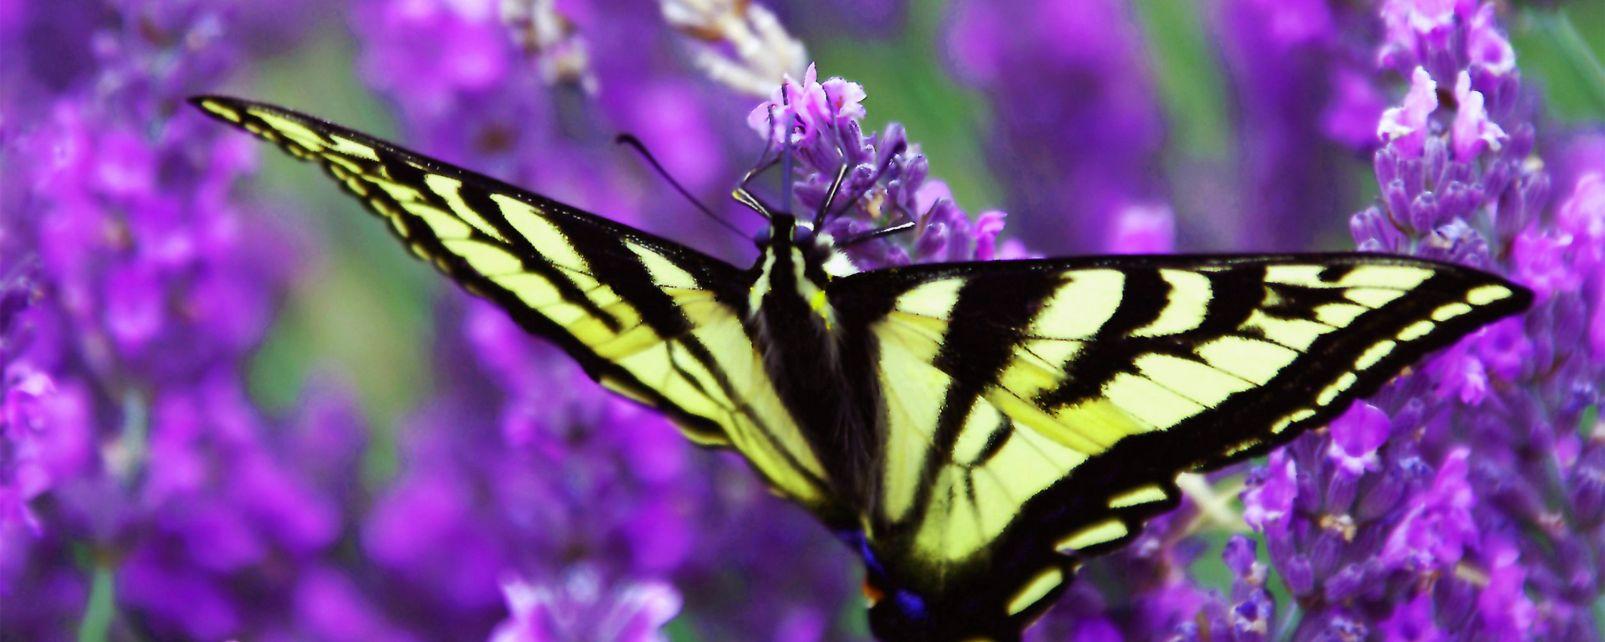 El parque de mariposas de Benalmádena, Le parc aux papillons de Bénalmadéna, Fauna y flora, Andalucía